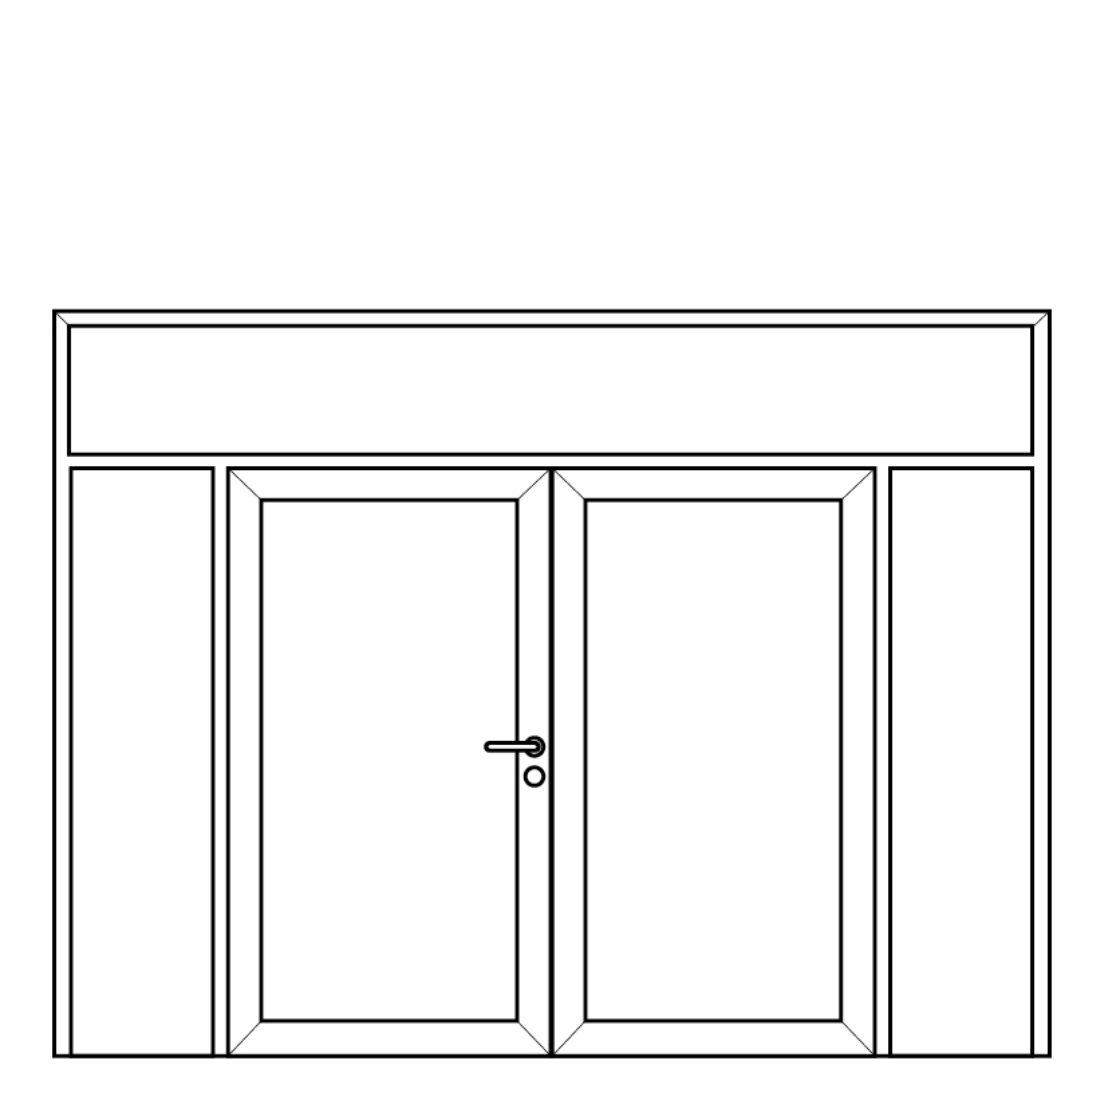 NorDan Alu Door Config Fixed Double fixed